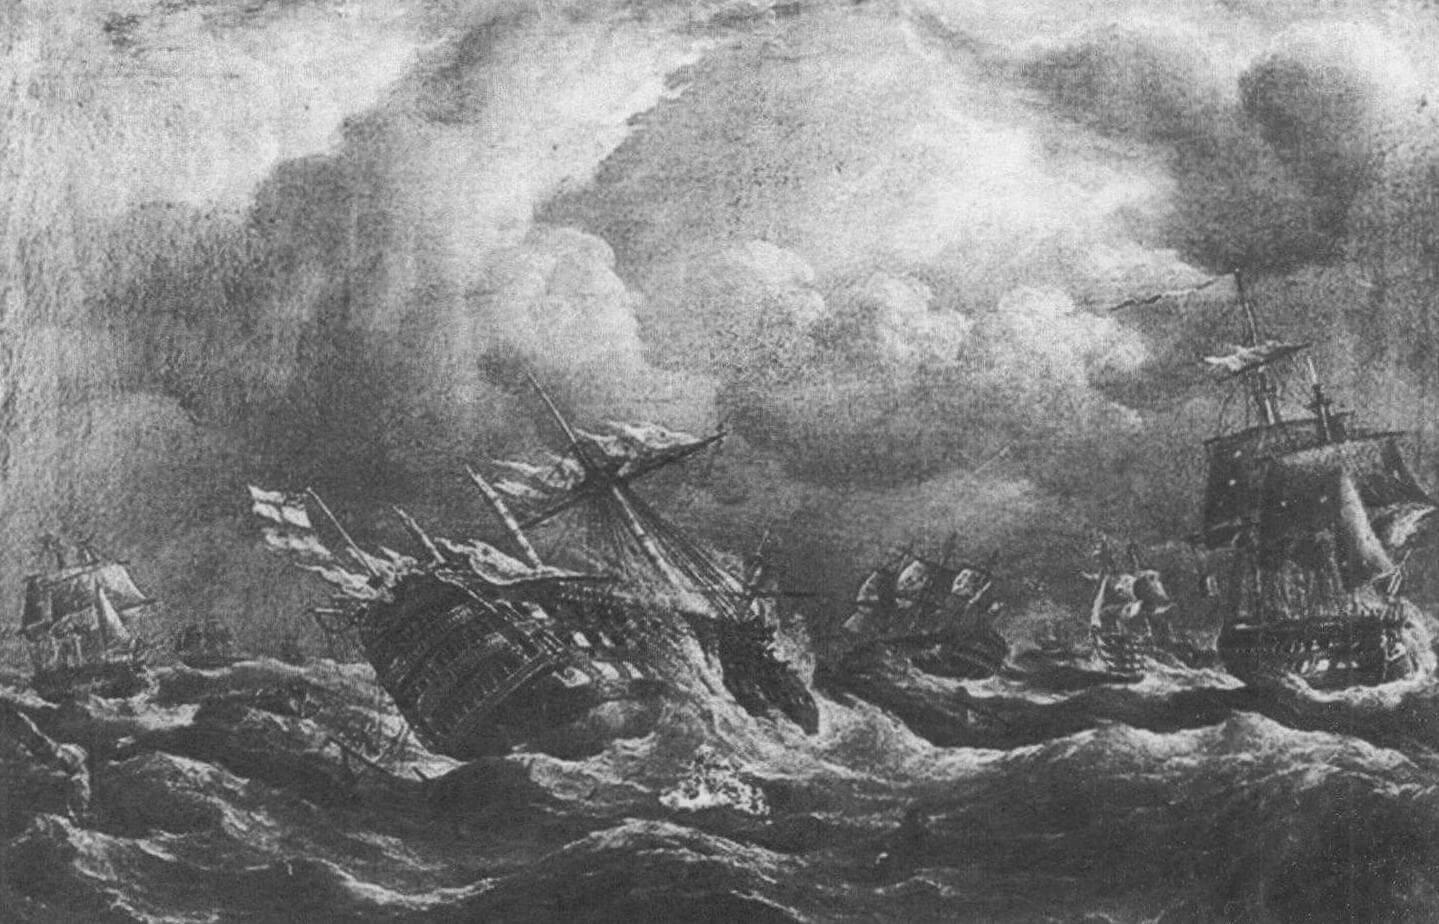 Гибель линейного корабля «Сантисима Тринидад» во время шторма, разыгравшегося после Трафальгарского сражения. На корме линкора над испанским флагом развивается британский...